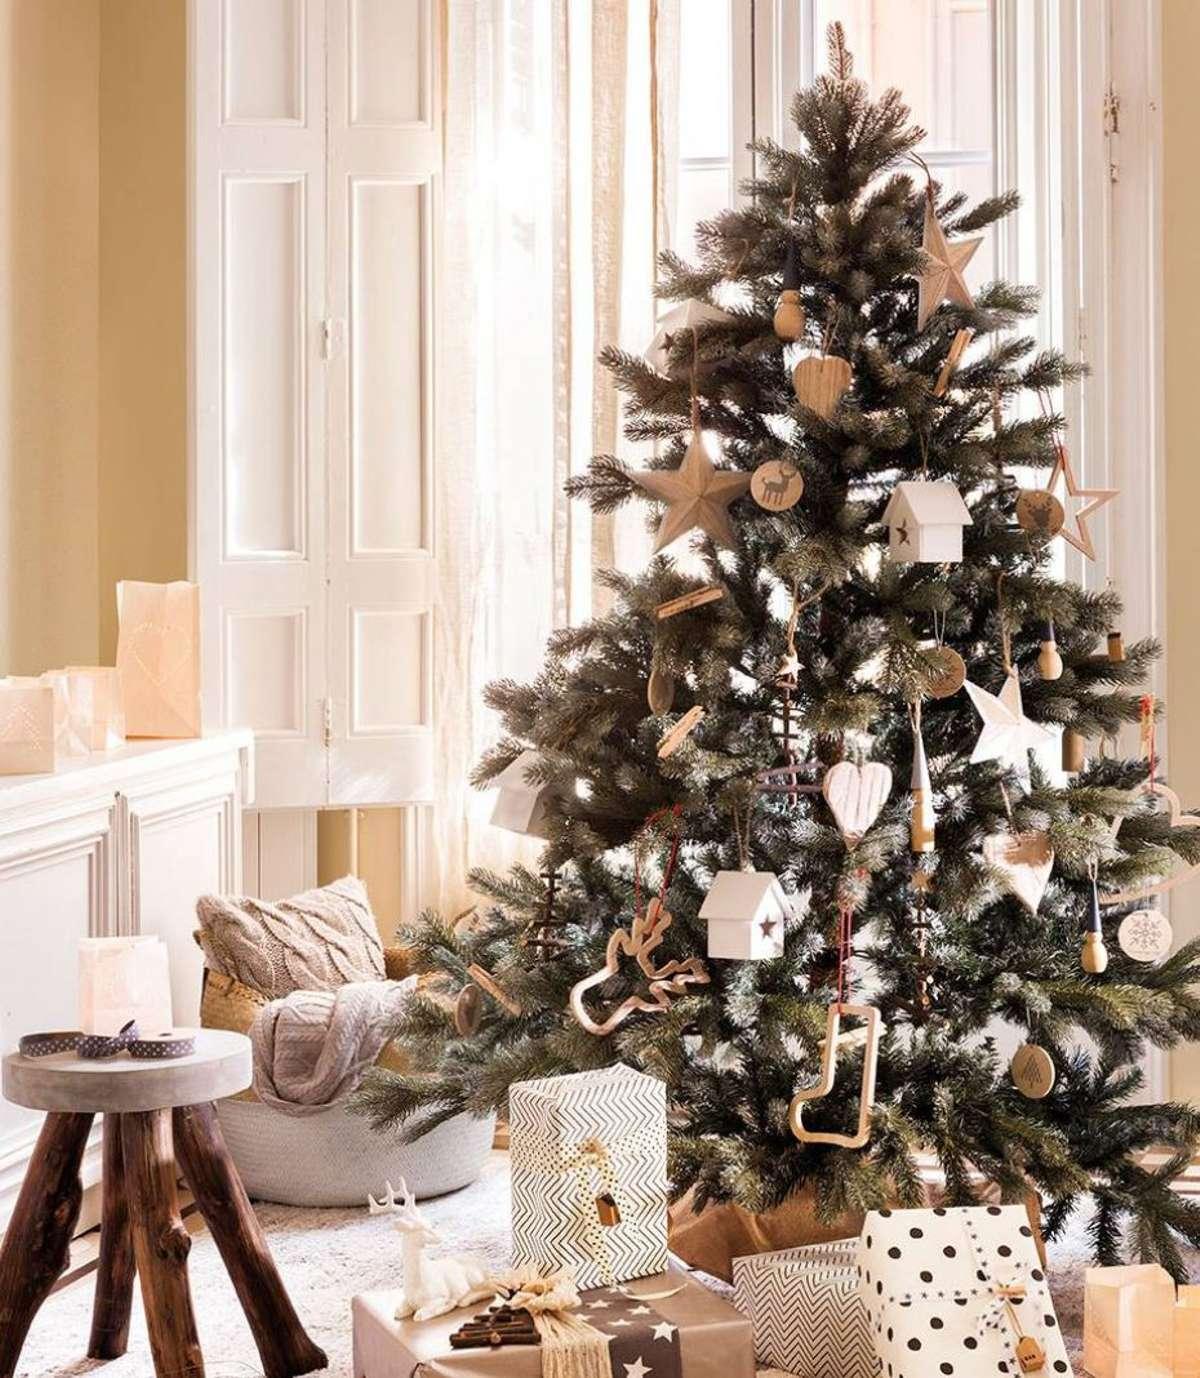 Sorprendentes ideas para decorar el árbol de Navidad 10